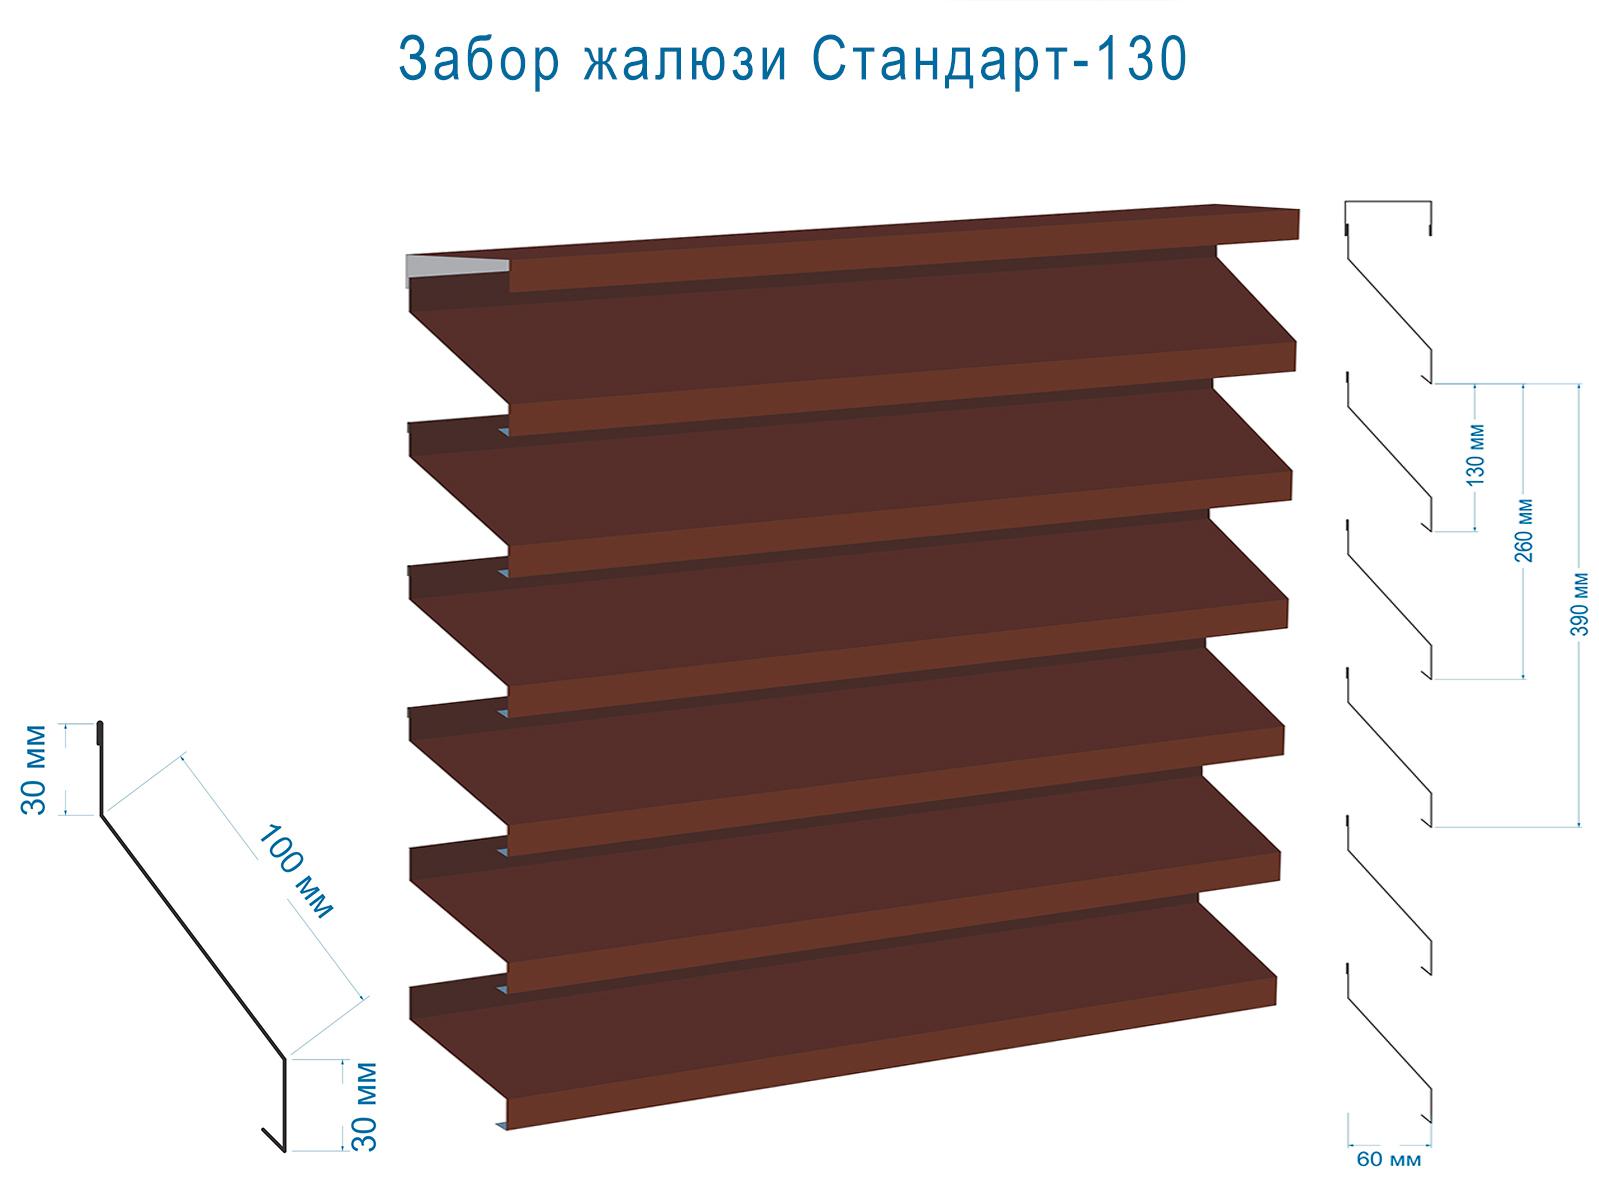 Забор жалюзи металлический Стандарт-130 размеры